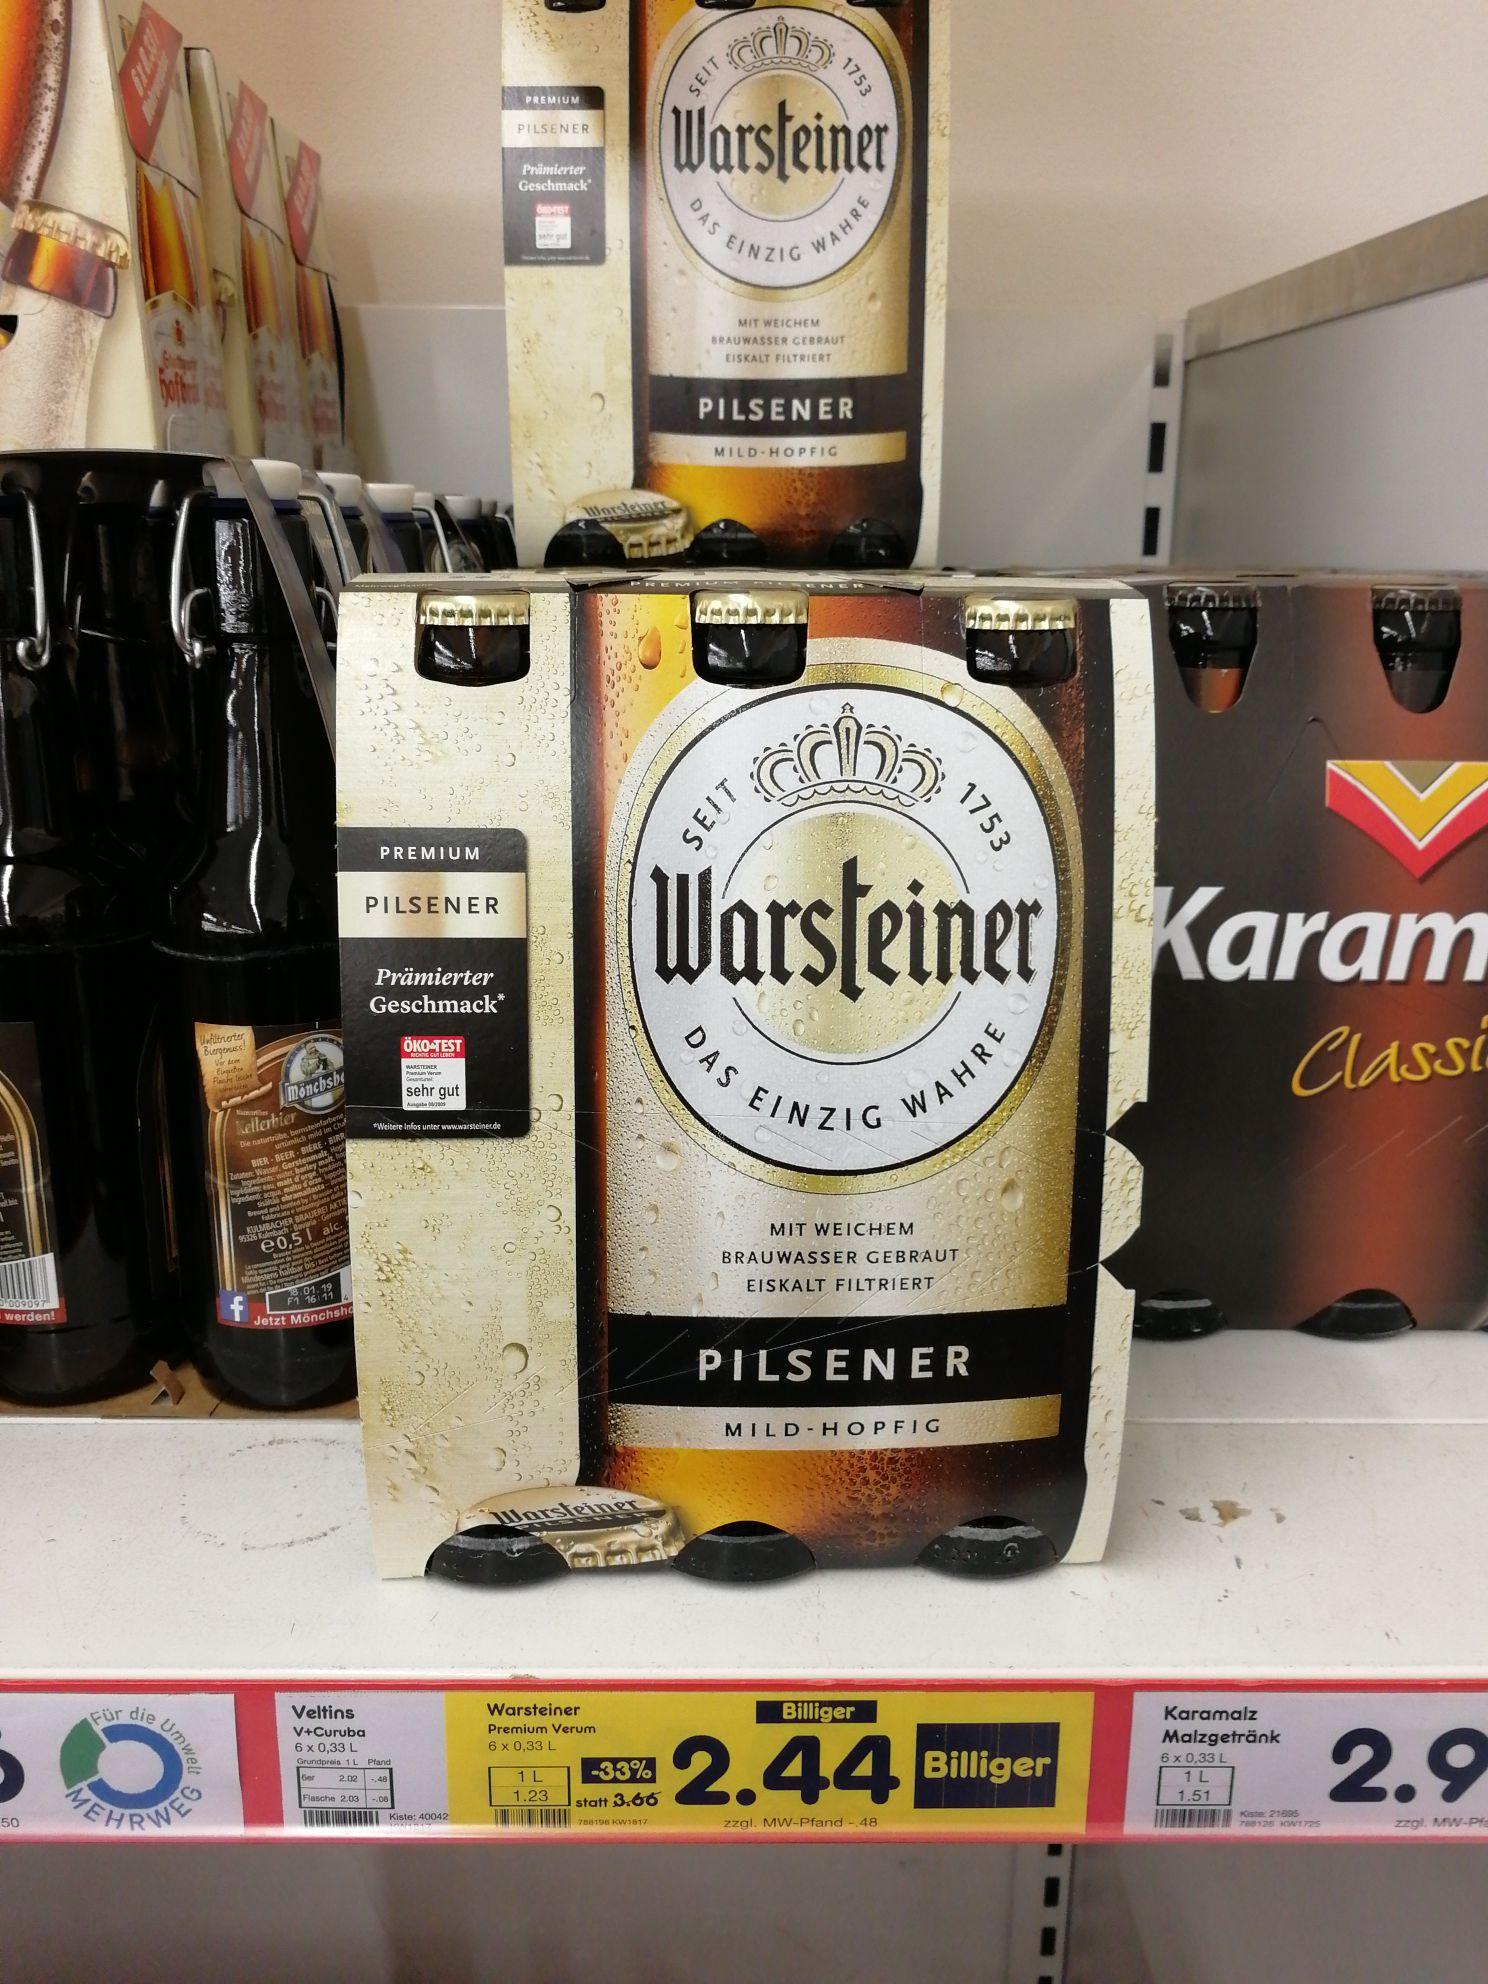 Warsteiner 6x 0,33l  bei Netto Altusried *lokal*